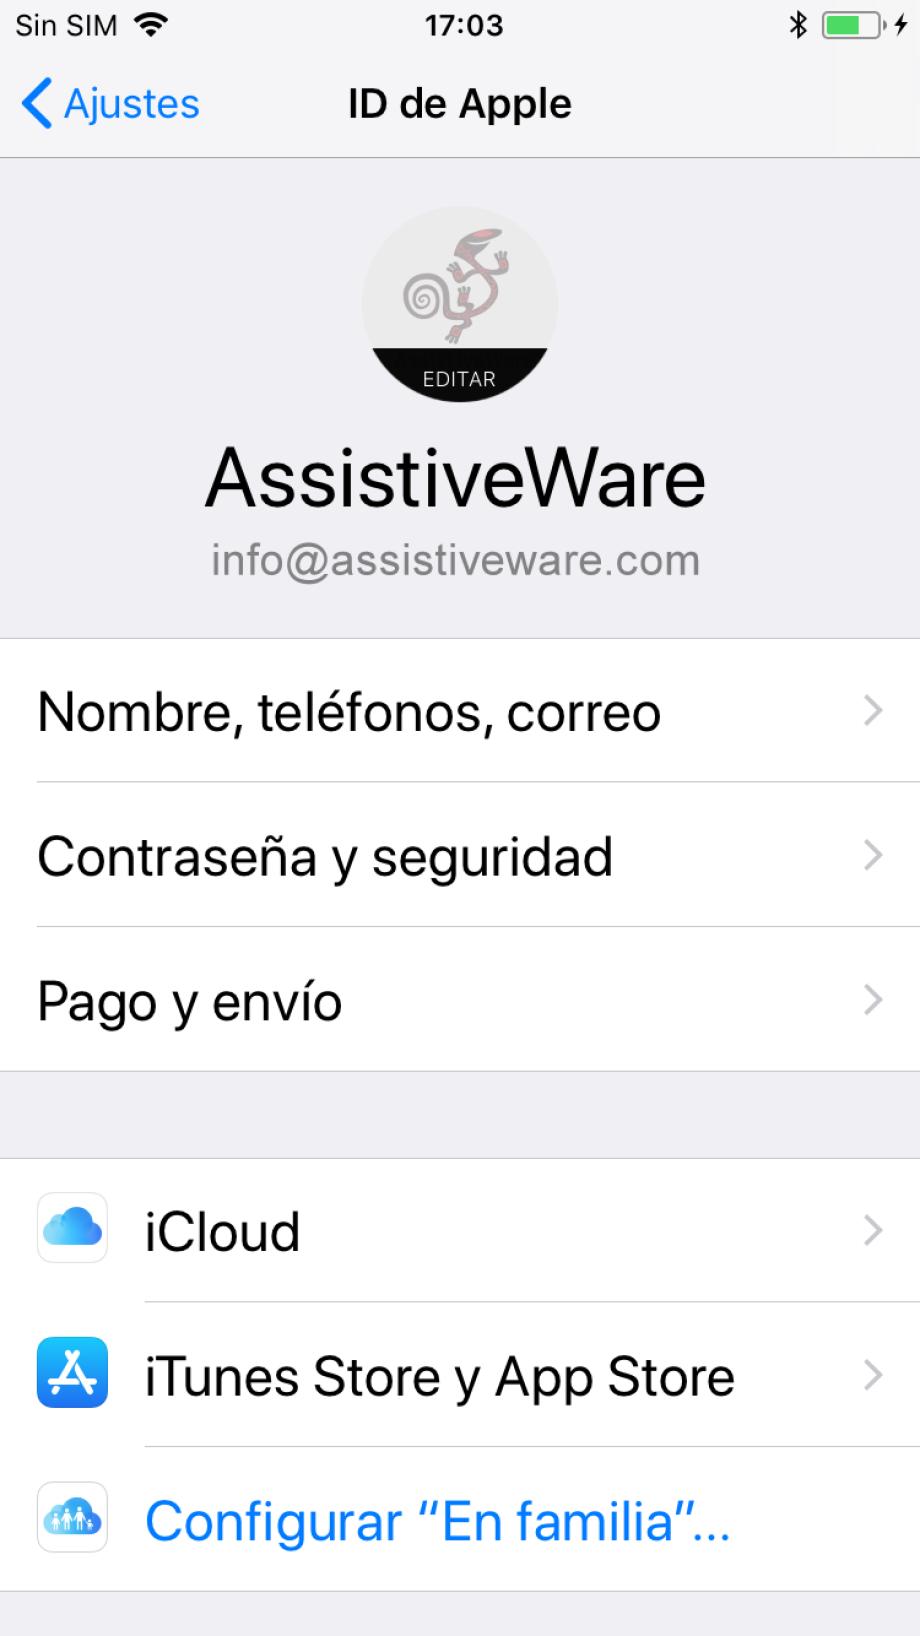 Configuración de ID de Apple en la aplicación configuración